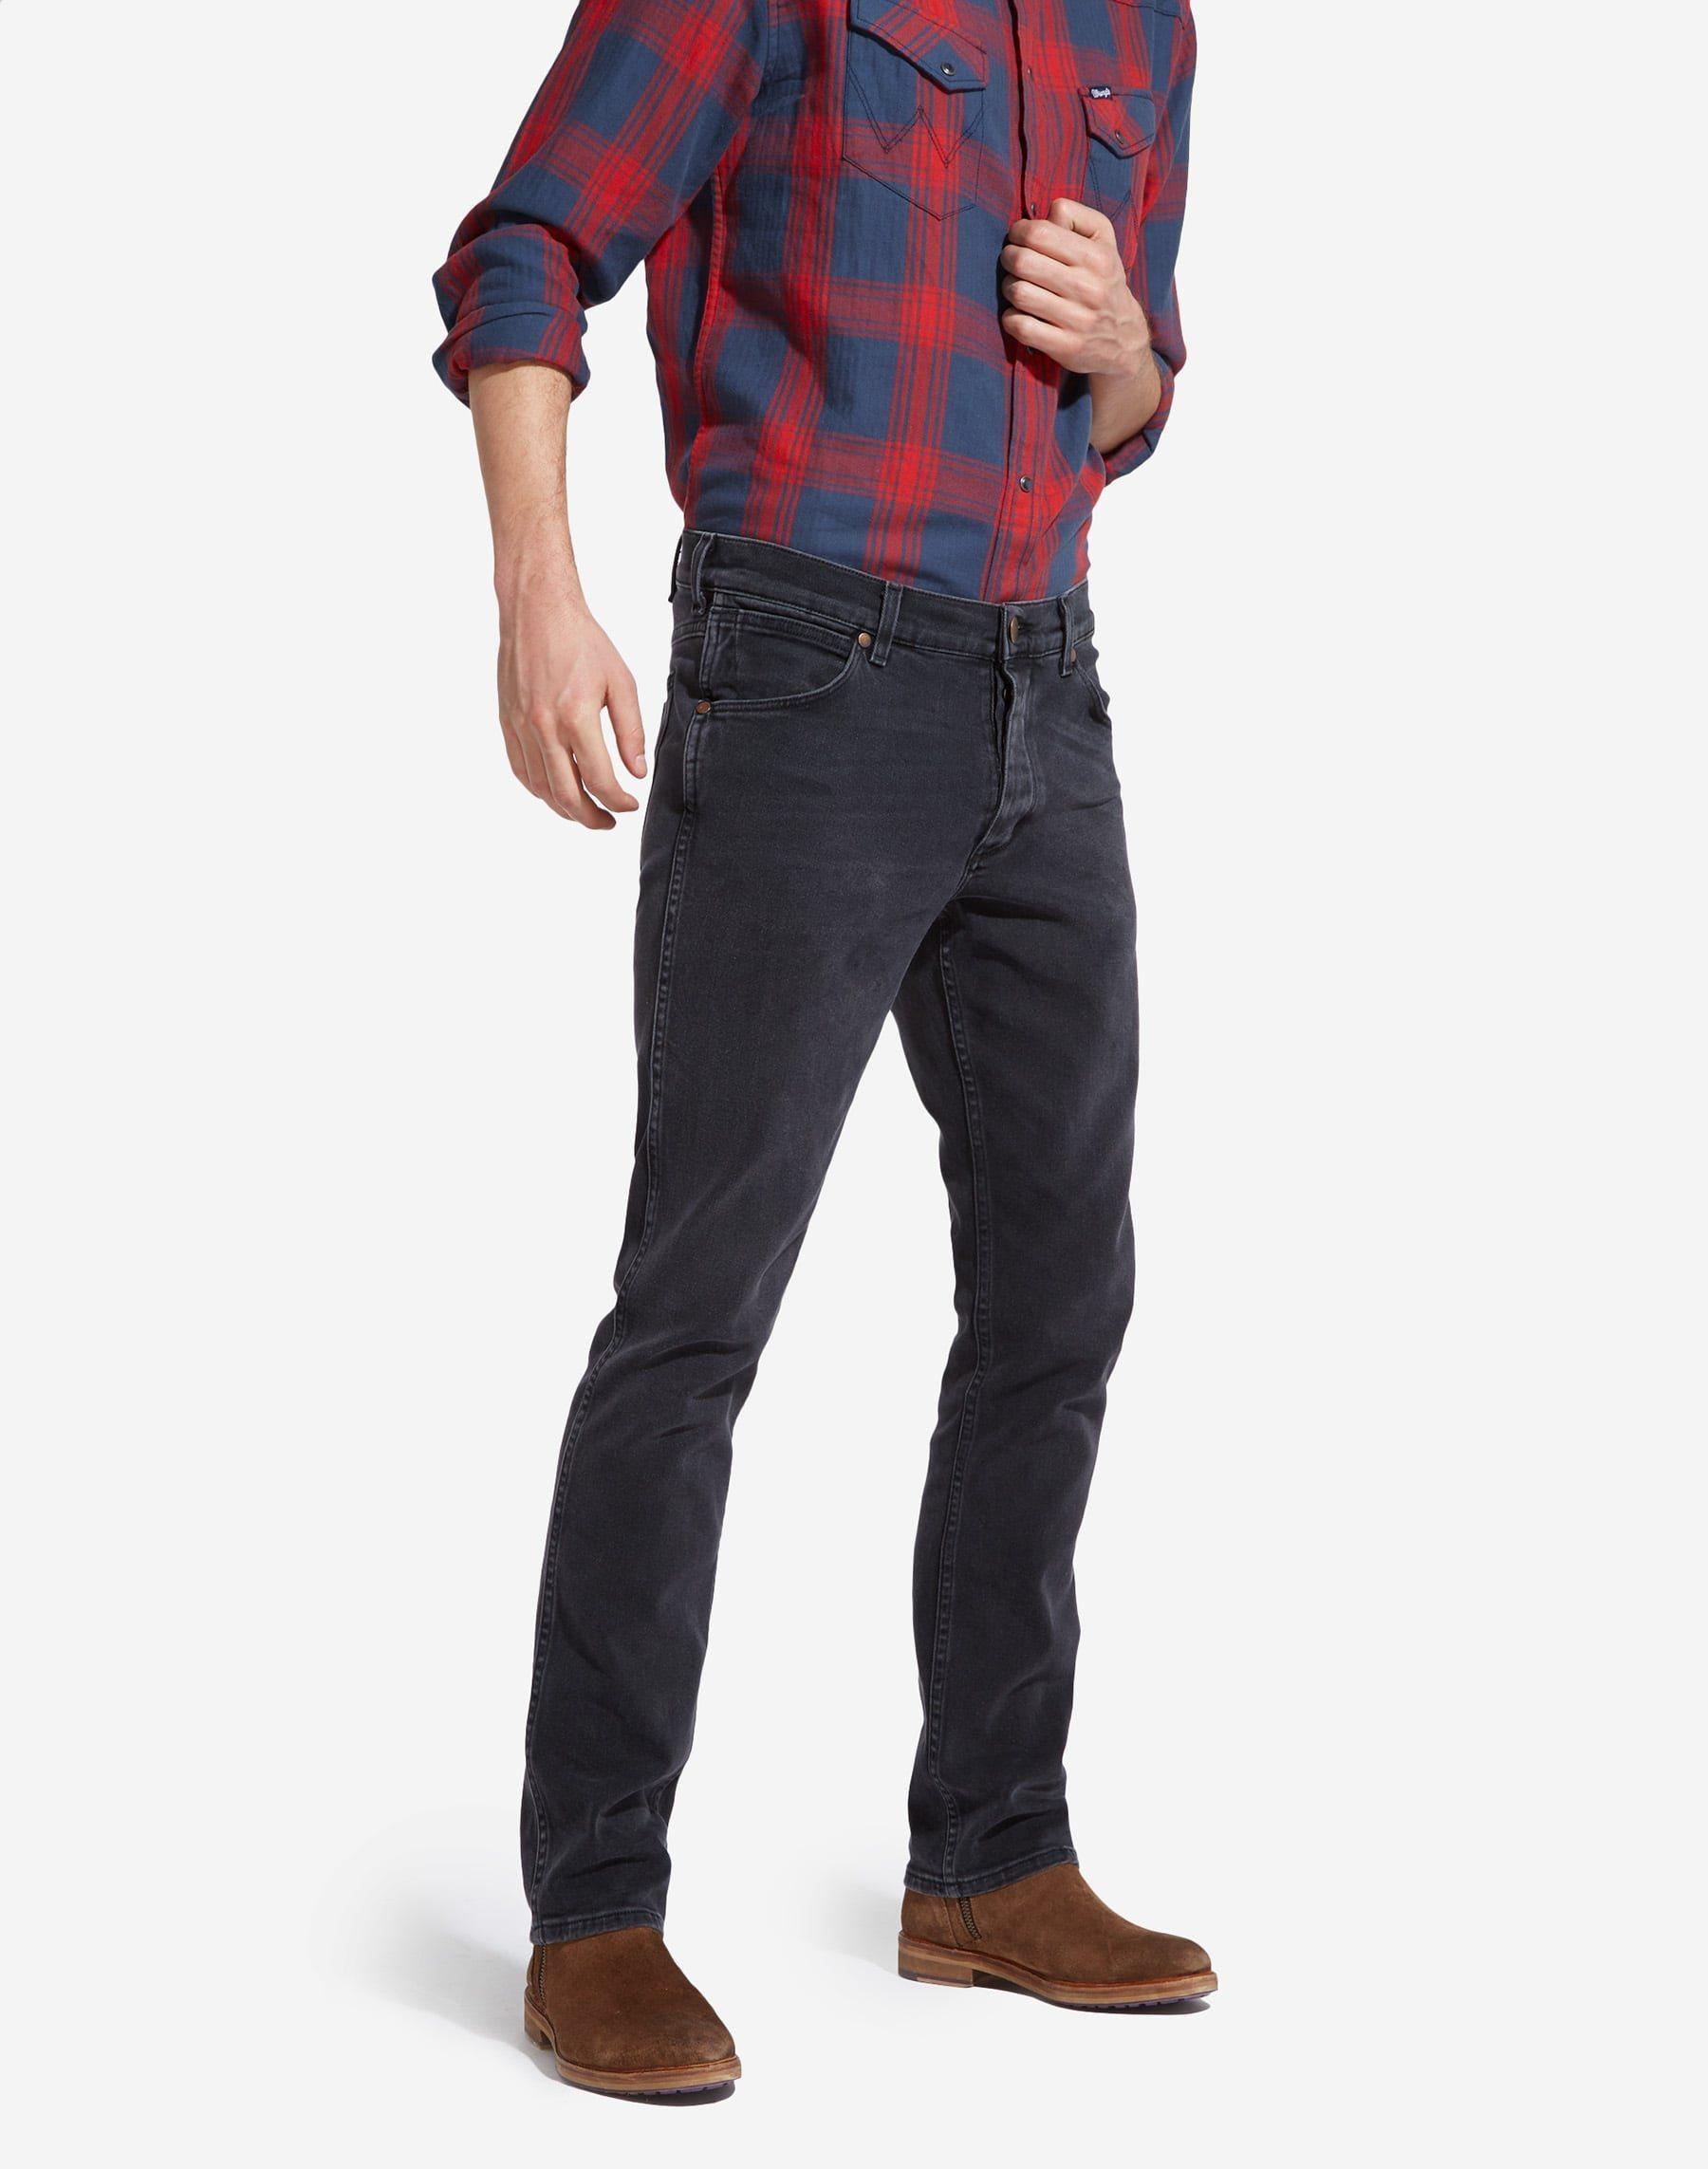 Jeans. Männermode